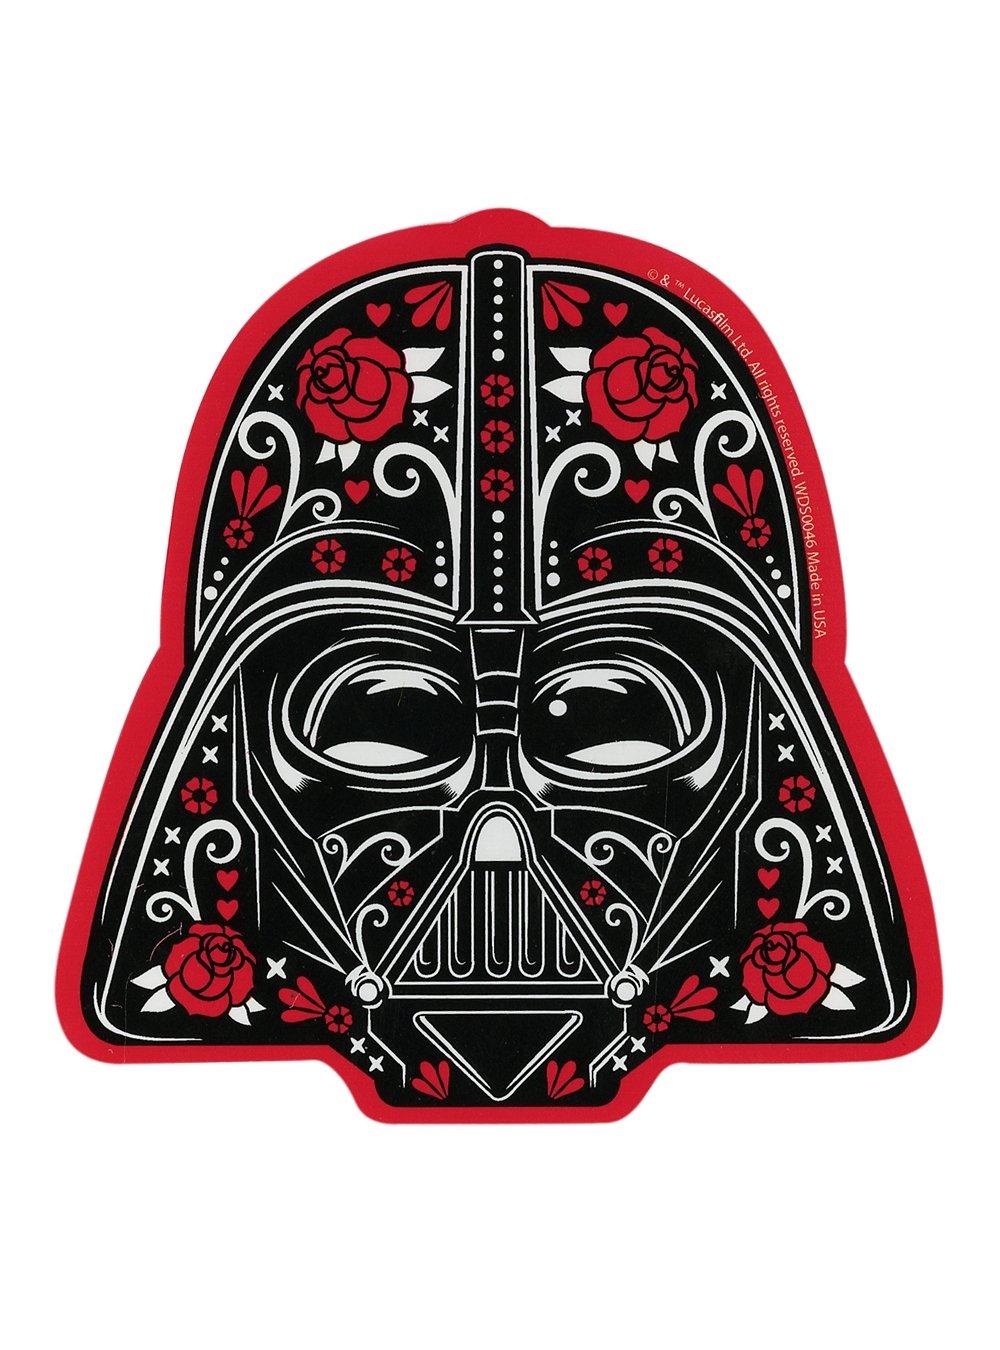 Darth Vader Sugar Skull Sticker